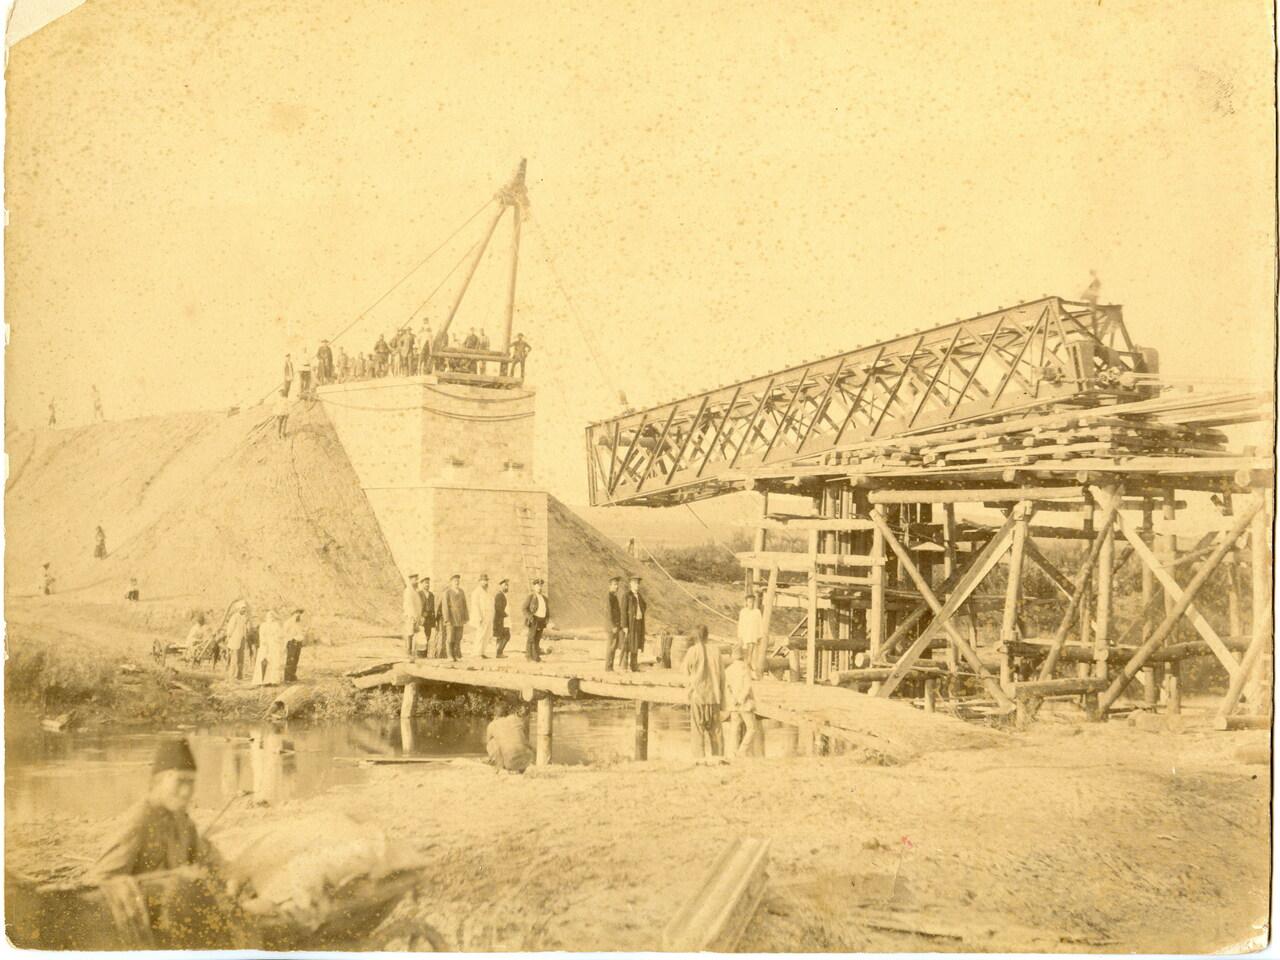 Спуск фермы на Супутинке во время строительства Уссурийской железной дороги. 1893